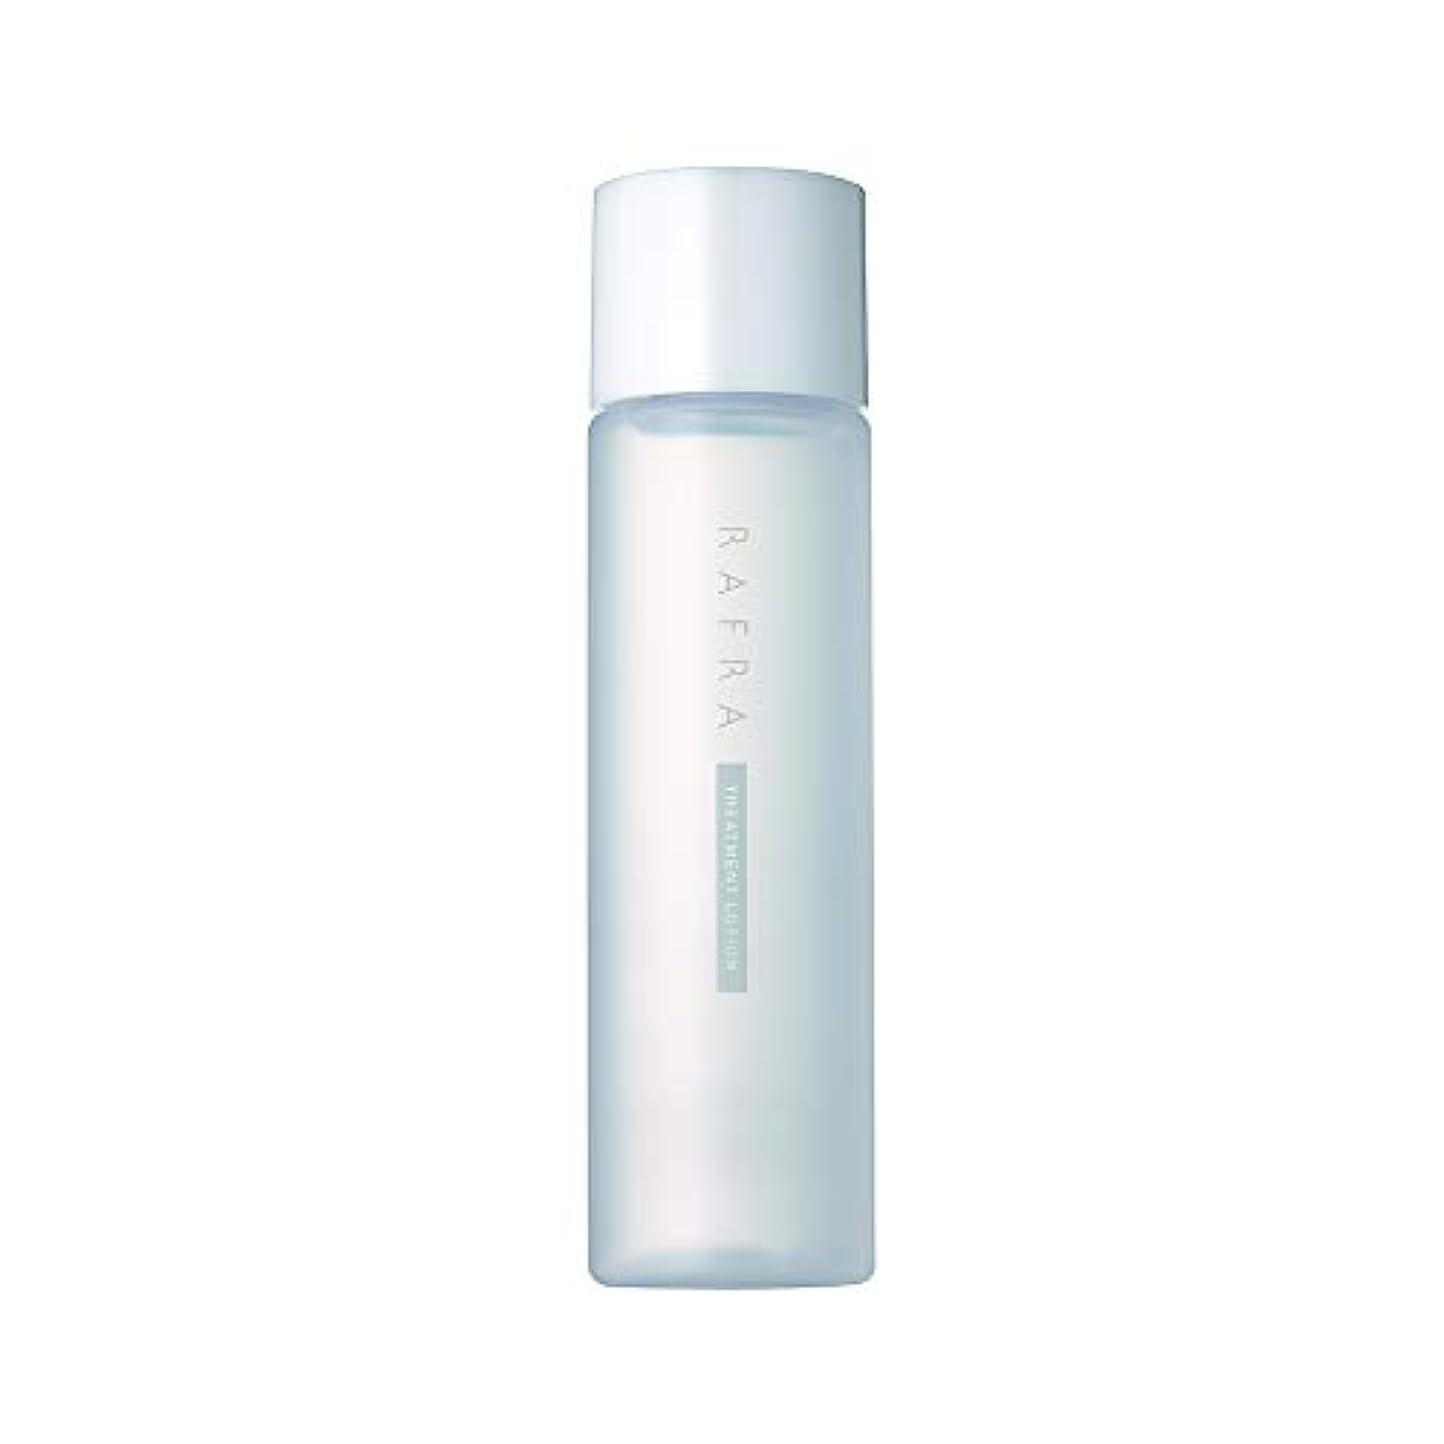 実り多い母性気分が良いラフラ トリートメントローション 150ml 化粧水 ブースター 導入液